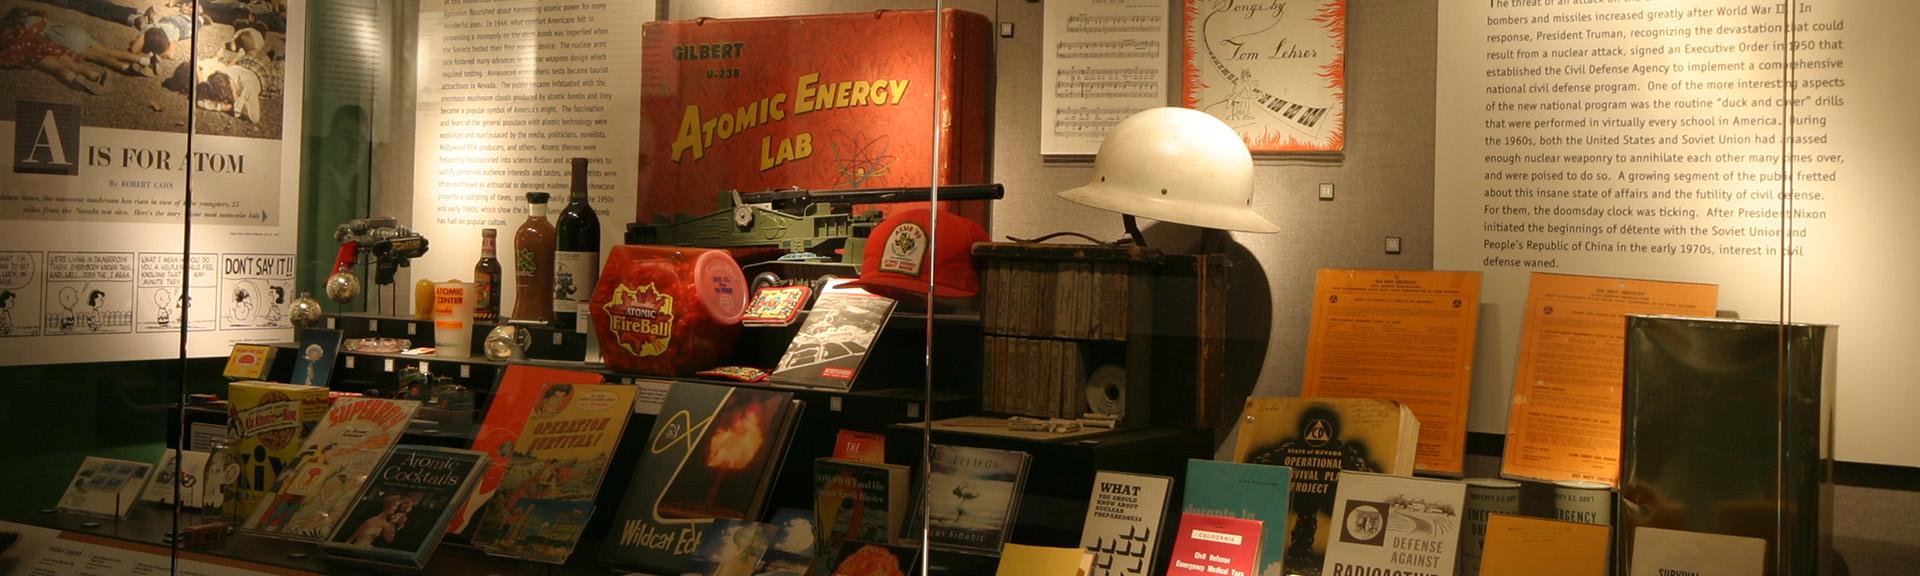 banner1_atomic